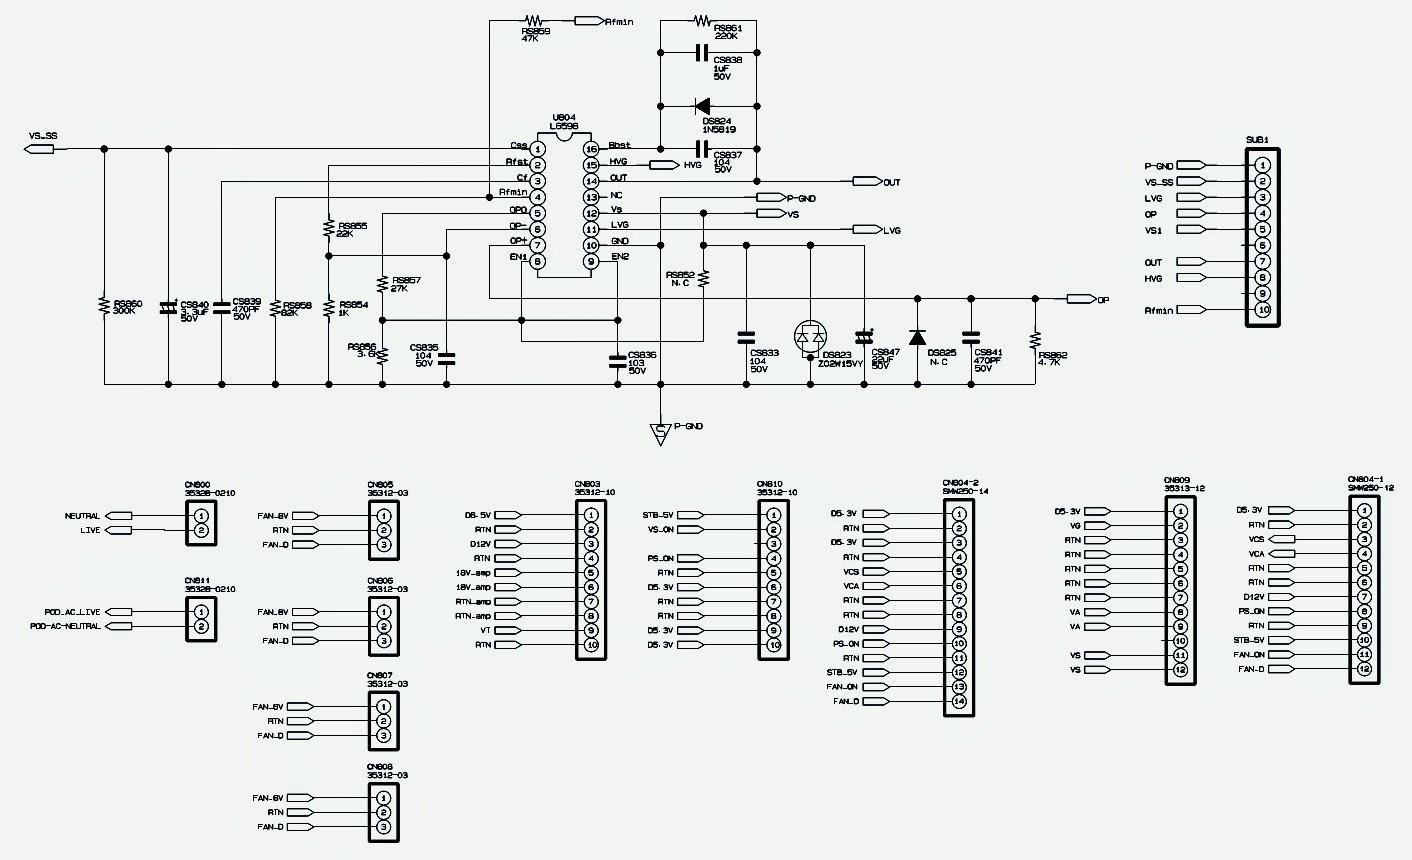 SAMSUNG BN94-03052A - LCD TV POWER SUPPLY SCHEMATIC ...